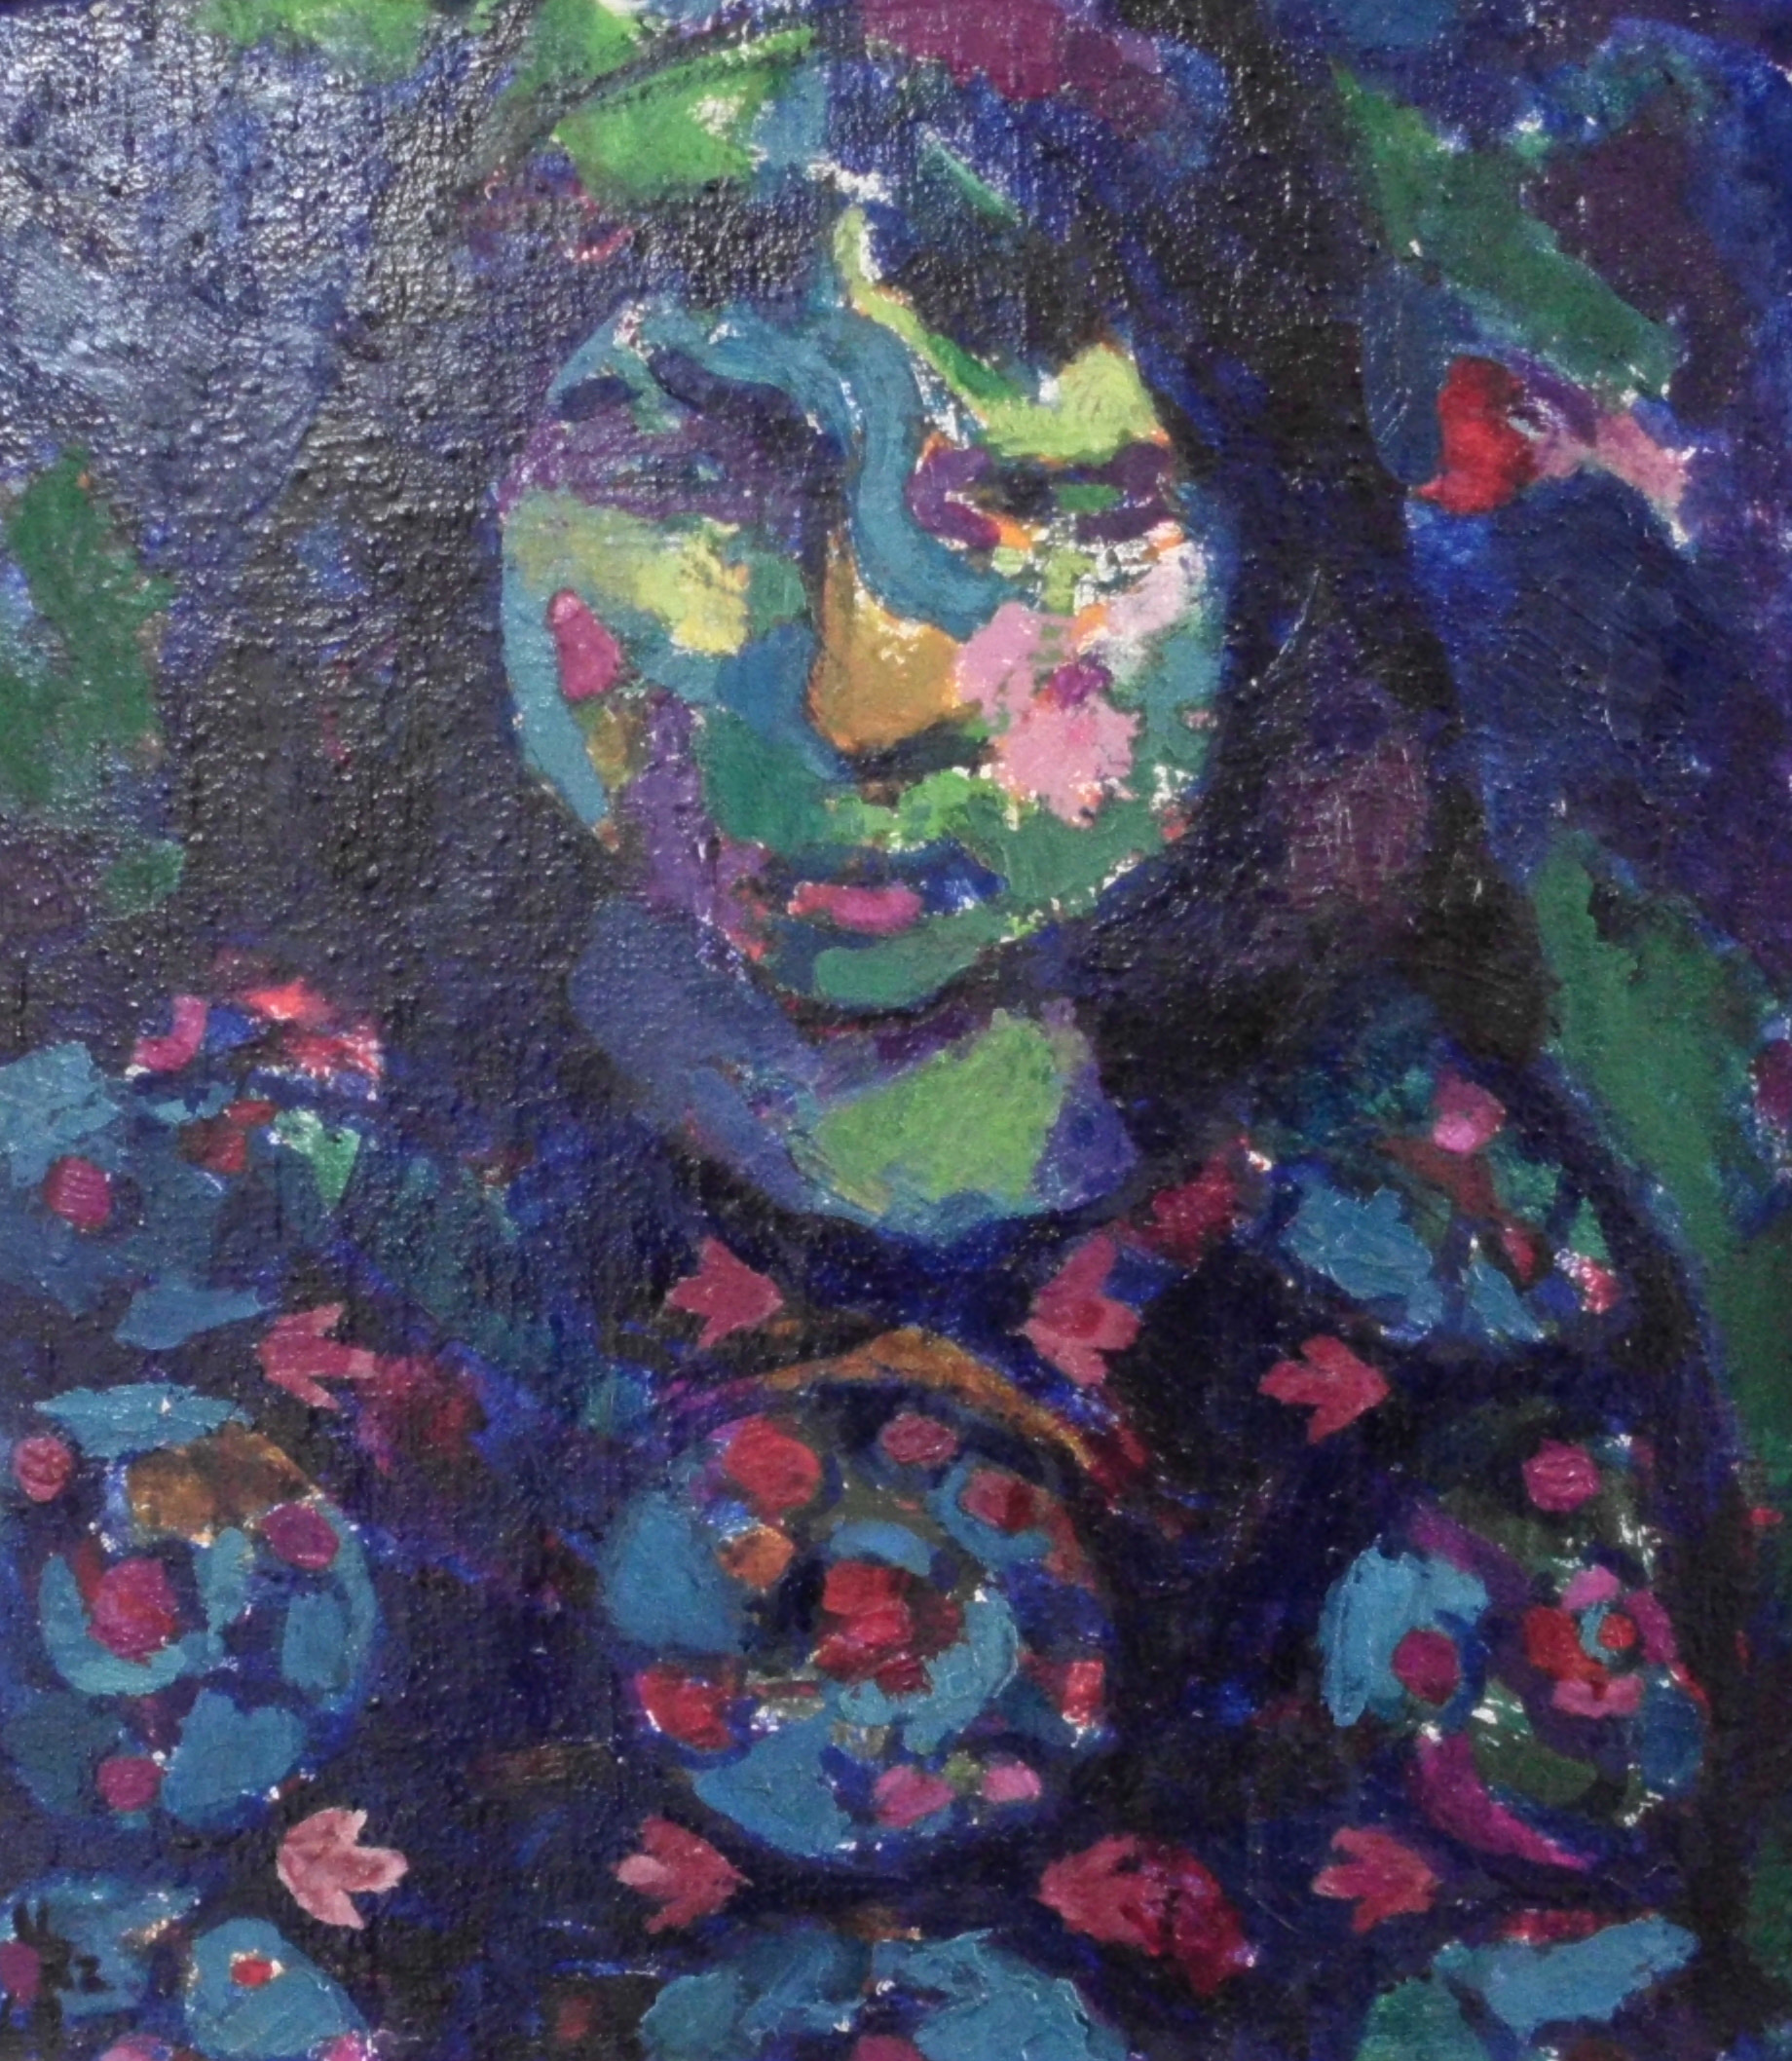 16-ursula_rzodeczko-bildnis_edith_rzodeczko-1969-oel_auf_leinwand-45x40